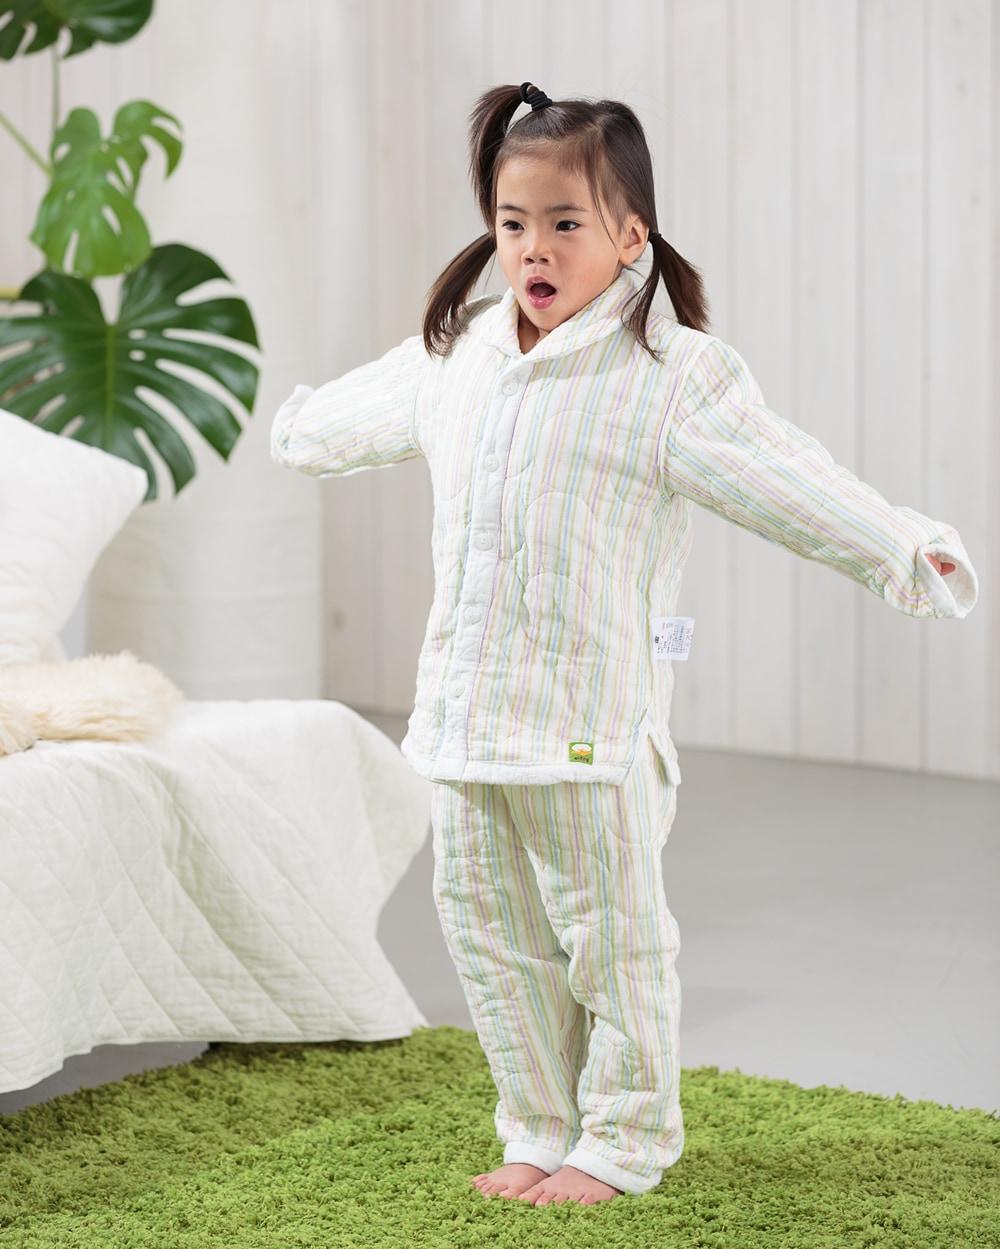 新作パシーマ ストライプ柄  冬パジャマ ベビー 子供 アトピーや敏感肌のお子様の為に作られたパシーマパジャマ ぐっすり熟睡!笑顔で元気!